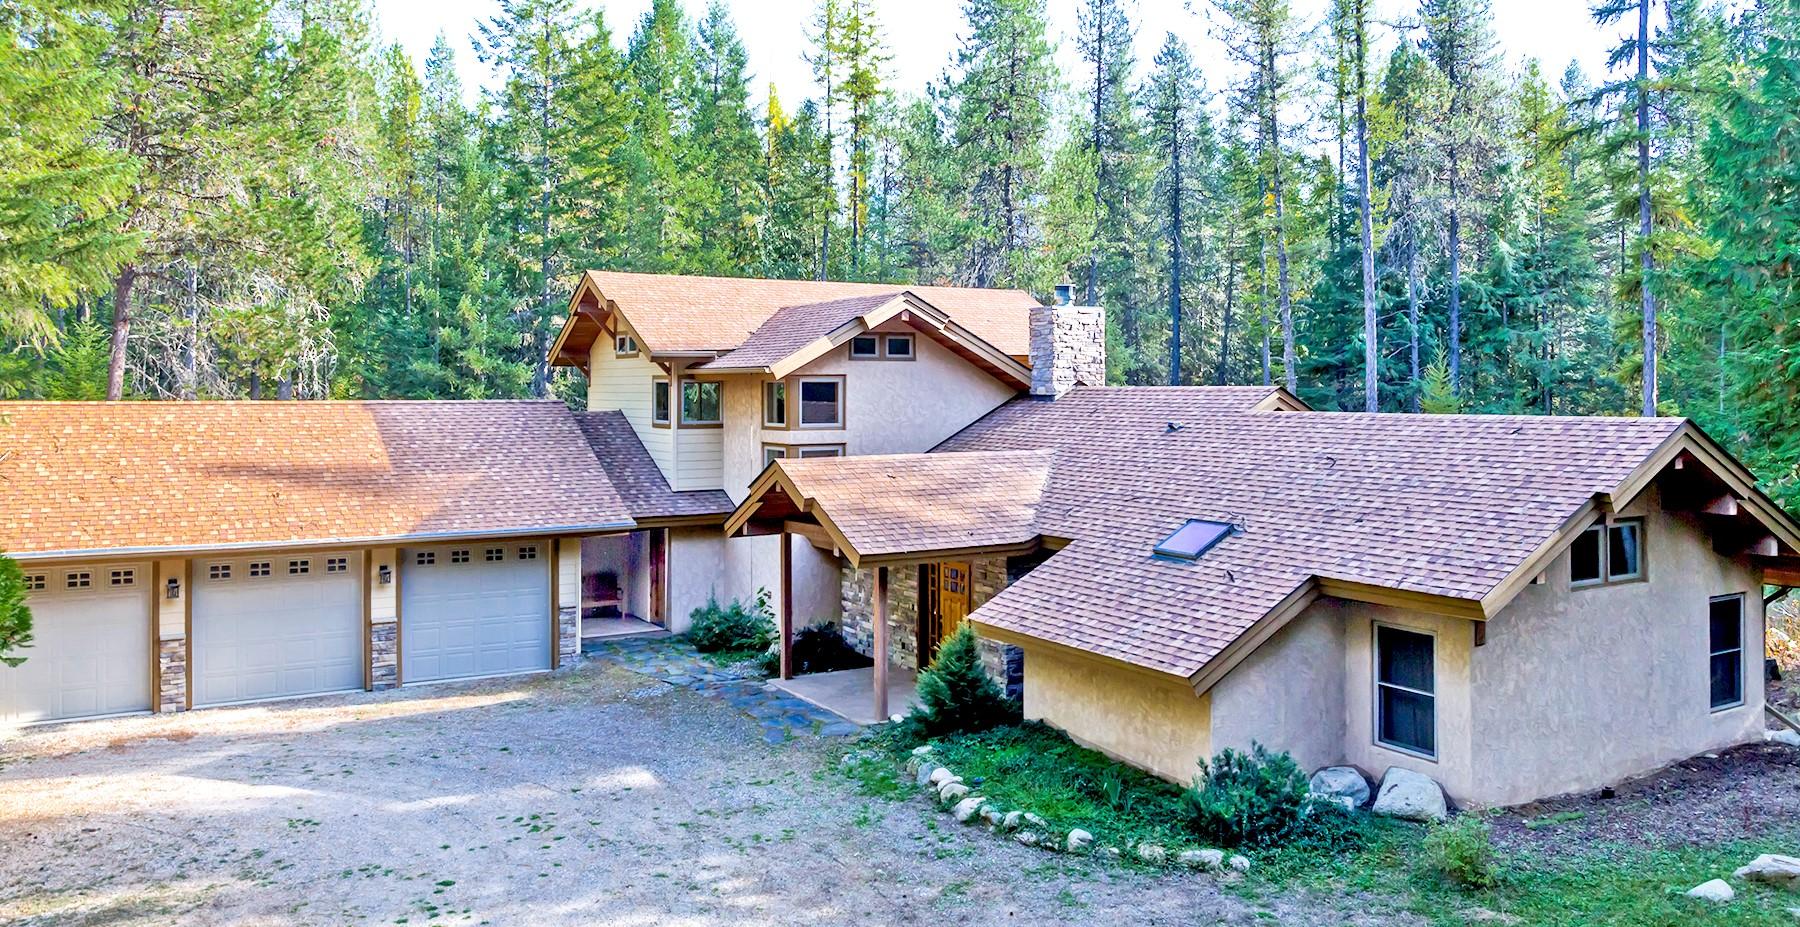 Einfamilienhaus für Verkauf beim Beautiful crafted home on 5 acres 130 Wapiti Sandpoint, Idaho 83864 Vereinigte Staaten